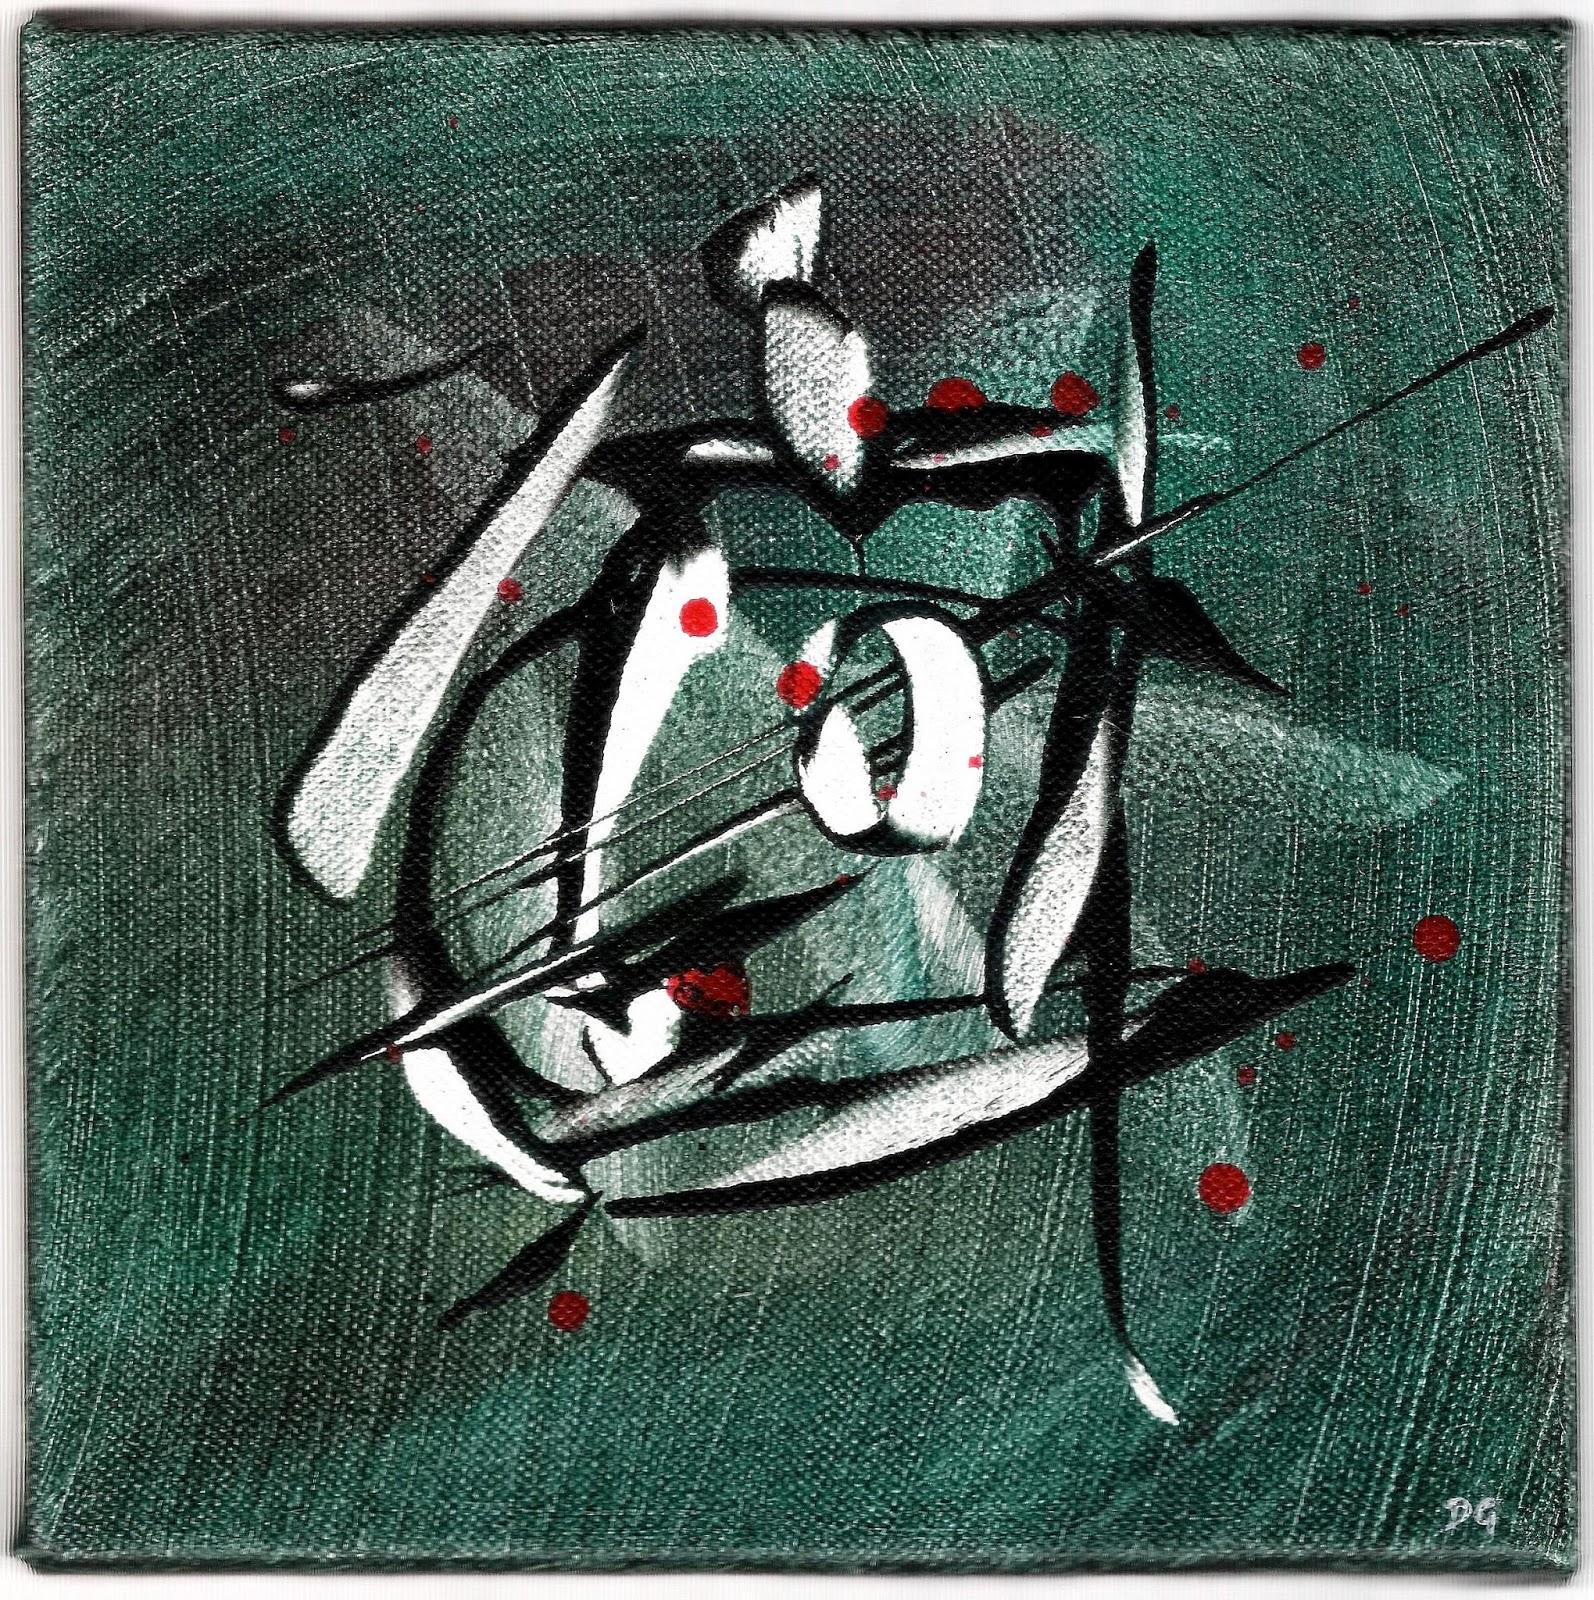 La Voie du Calme, 20x20, 2015 daily painting #2